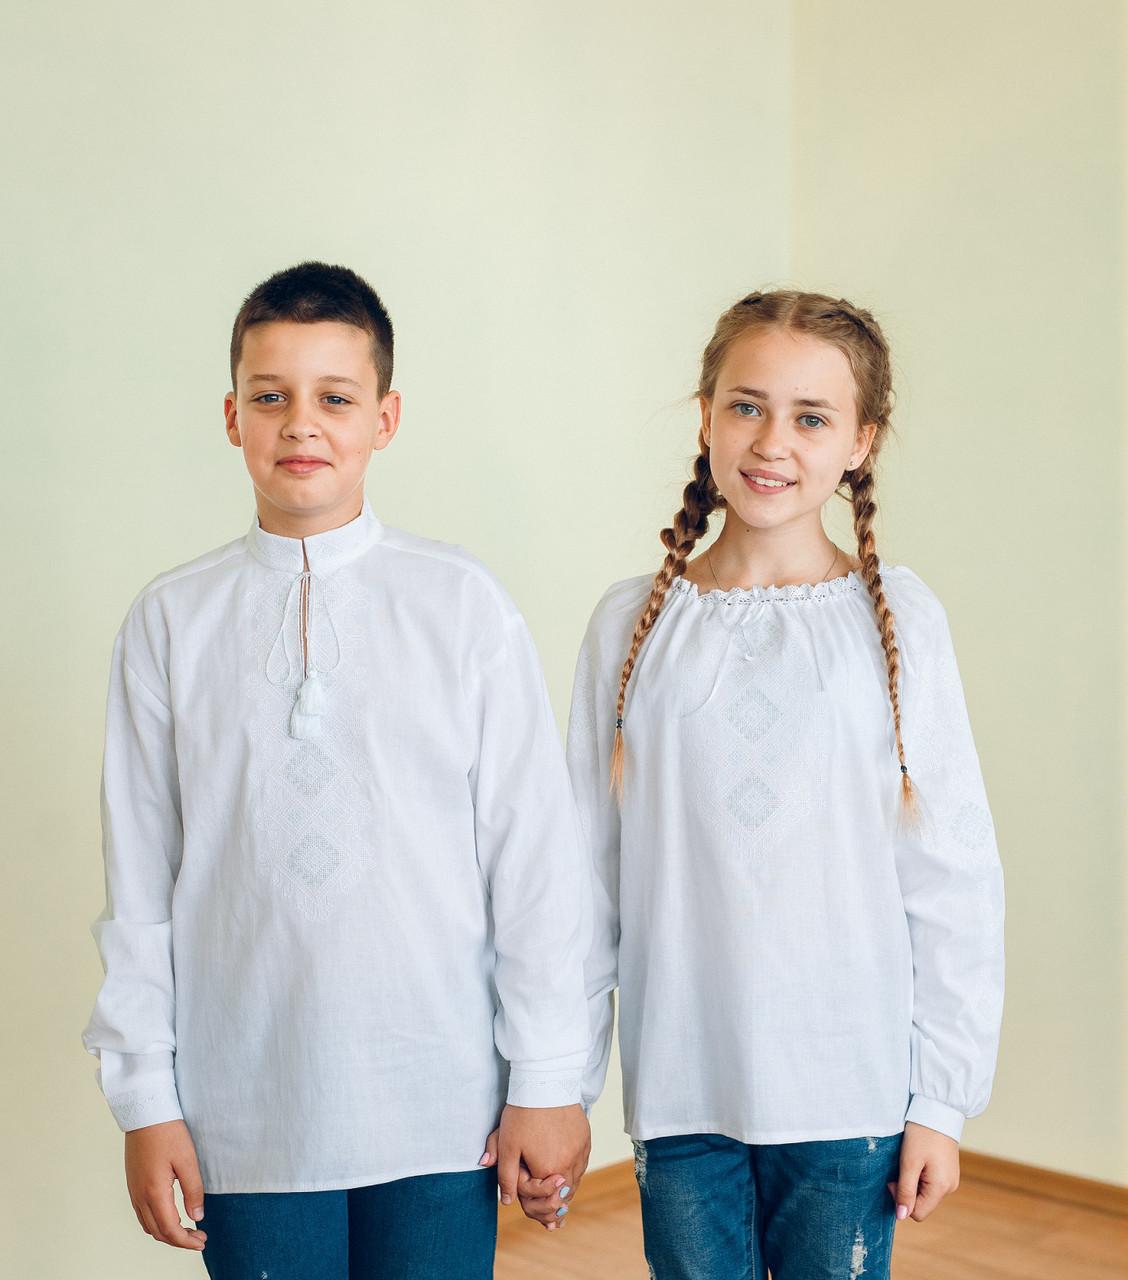 Комплект вишиванок для брата з сестрою (біла вишивка)  продажа 656311e2cedf1